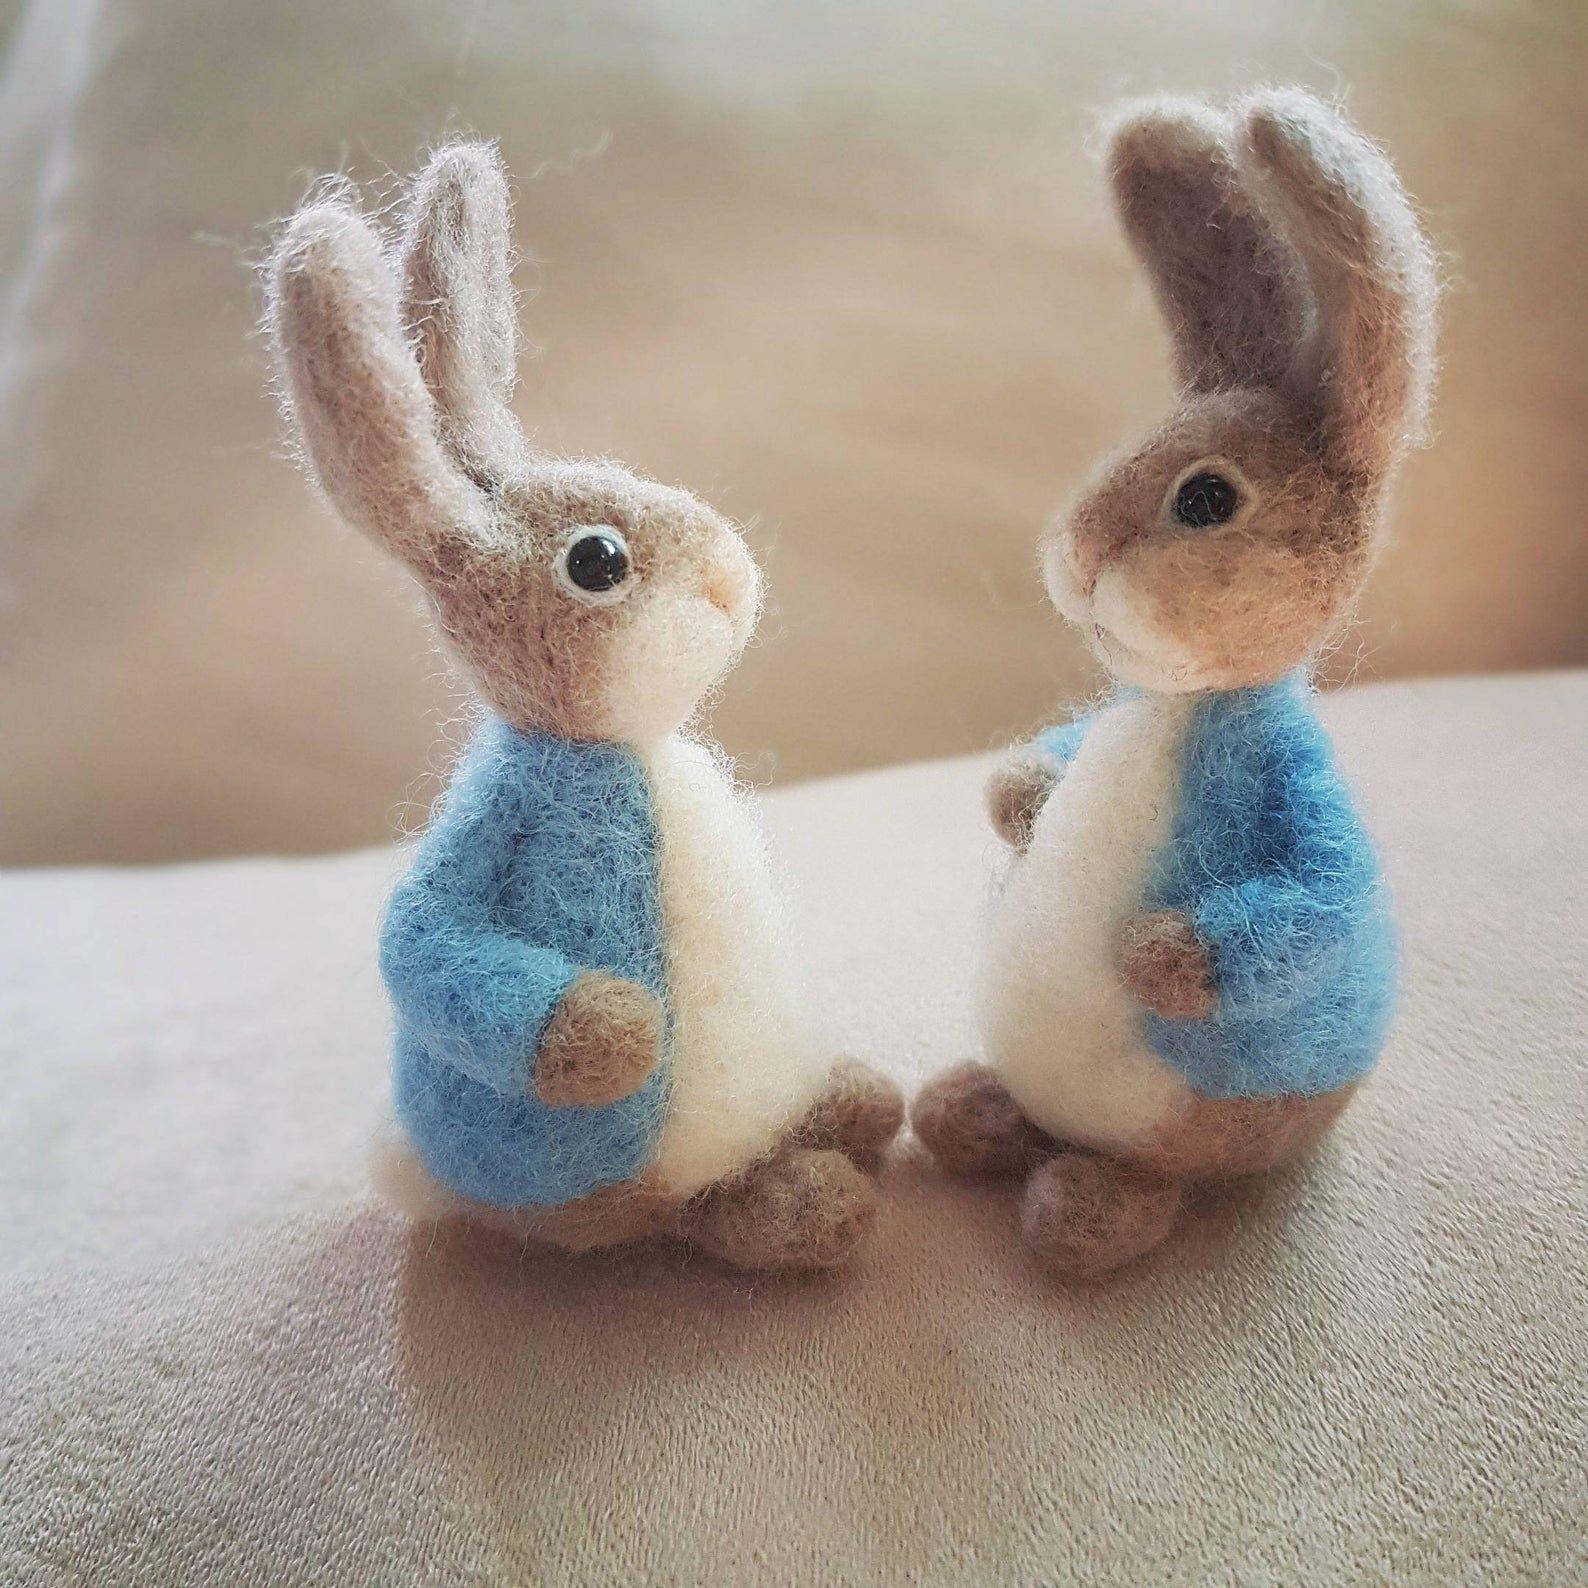 Felted bunny, Needle felted animal, Needle felted rabbit, Felted rabbit, Needle felted bunny, Rabbit toys, Rabbit doll, Rabbit lover gift #needlefeltedbunny